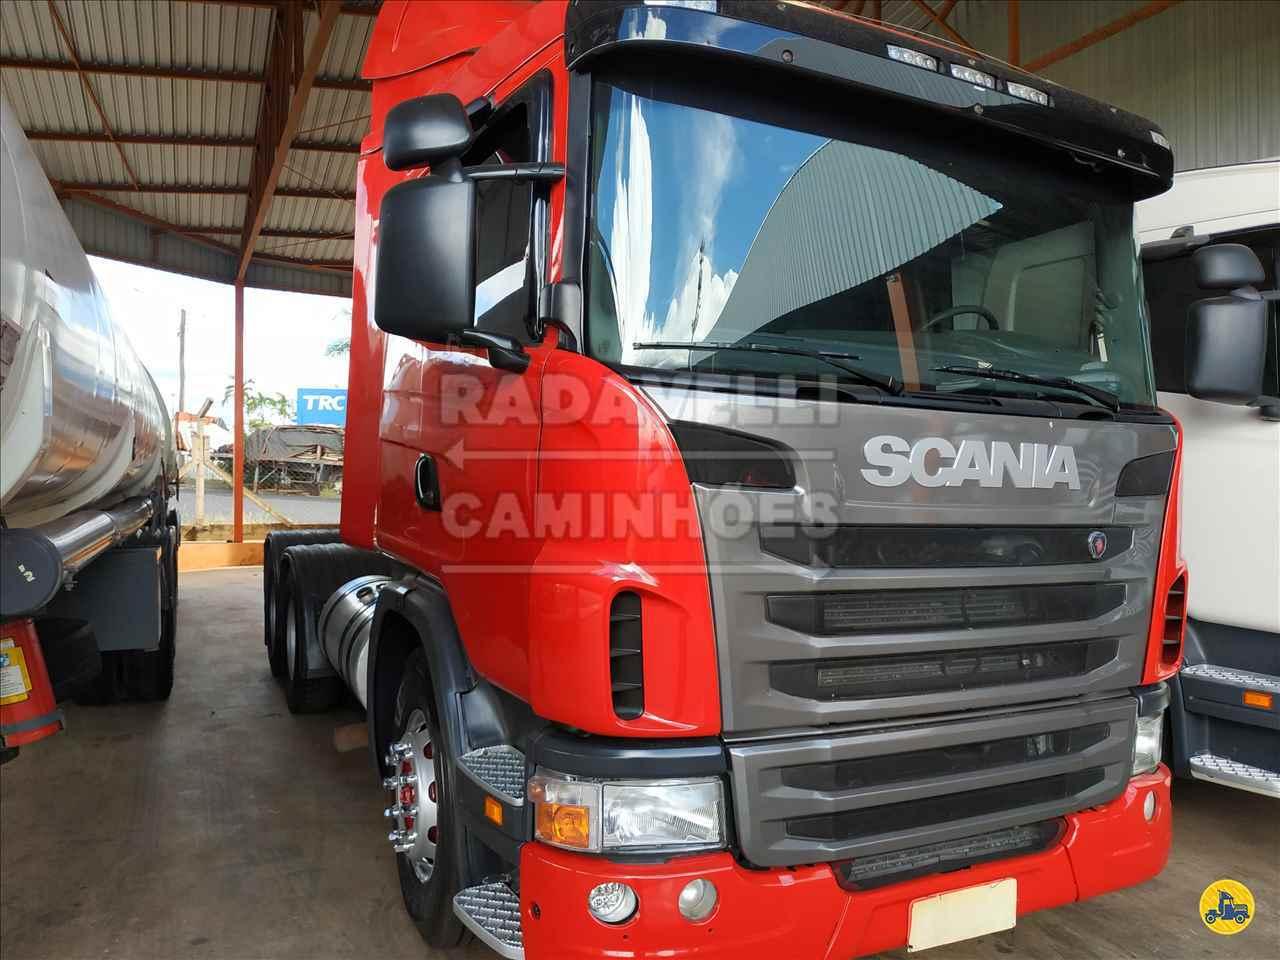 CAMINHAO SCANIA SCANIA 420 Cavalo Mecânico Traçado 6x4 Radavelli Caminhões MATAO SÃO PAULO SP